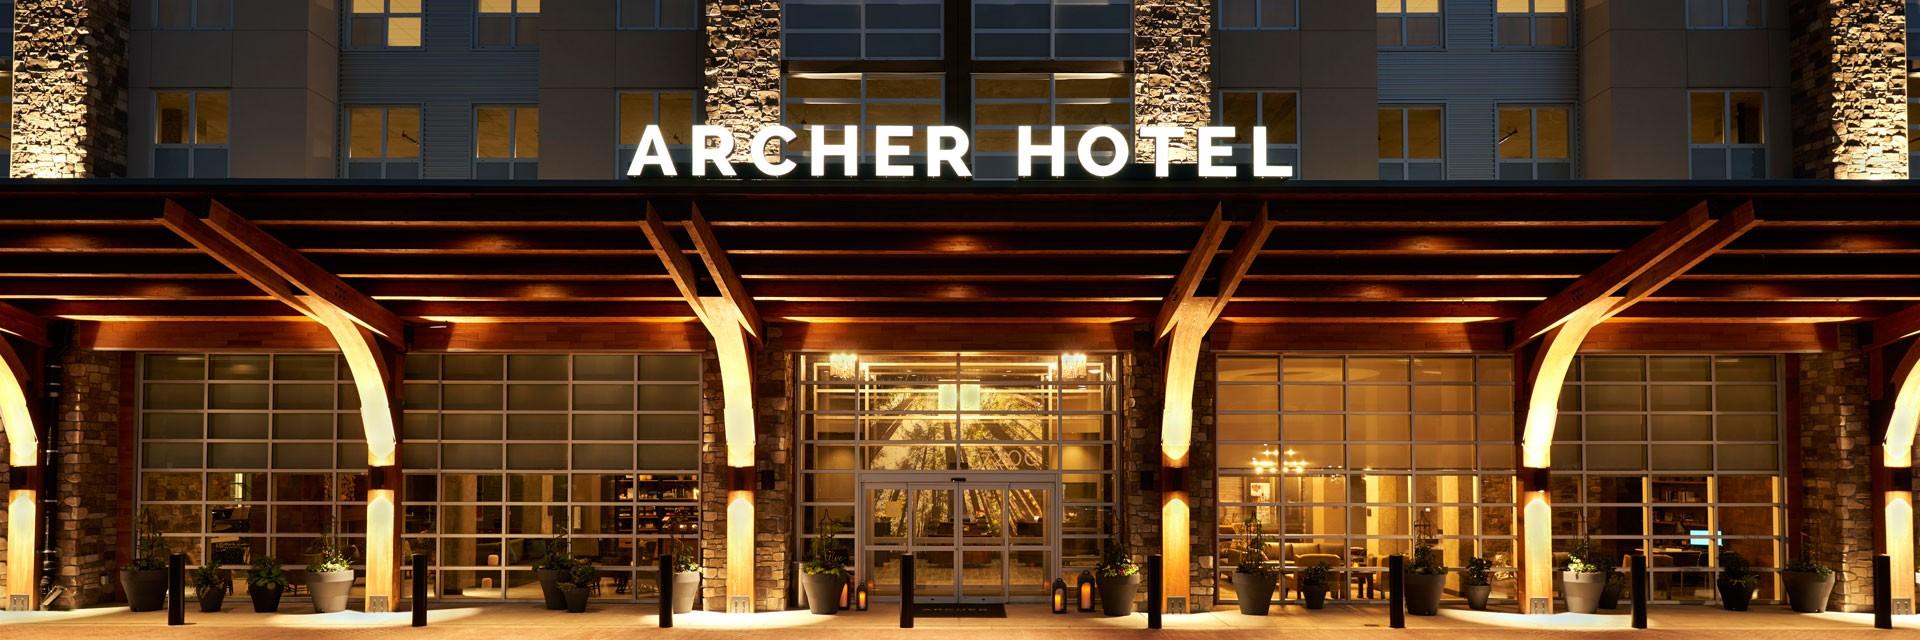 Archer Hotel Redmond Exterior Rendering 2